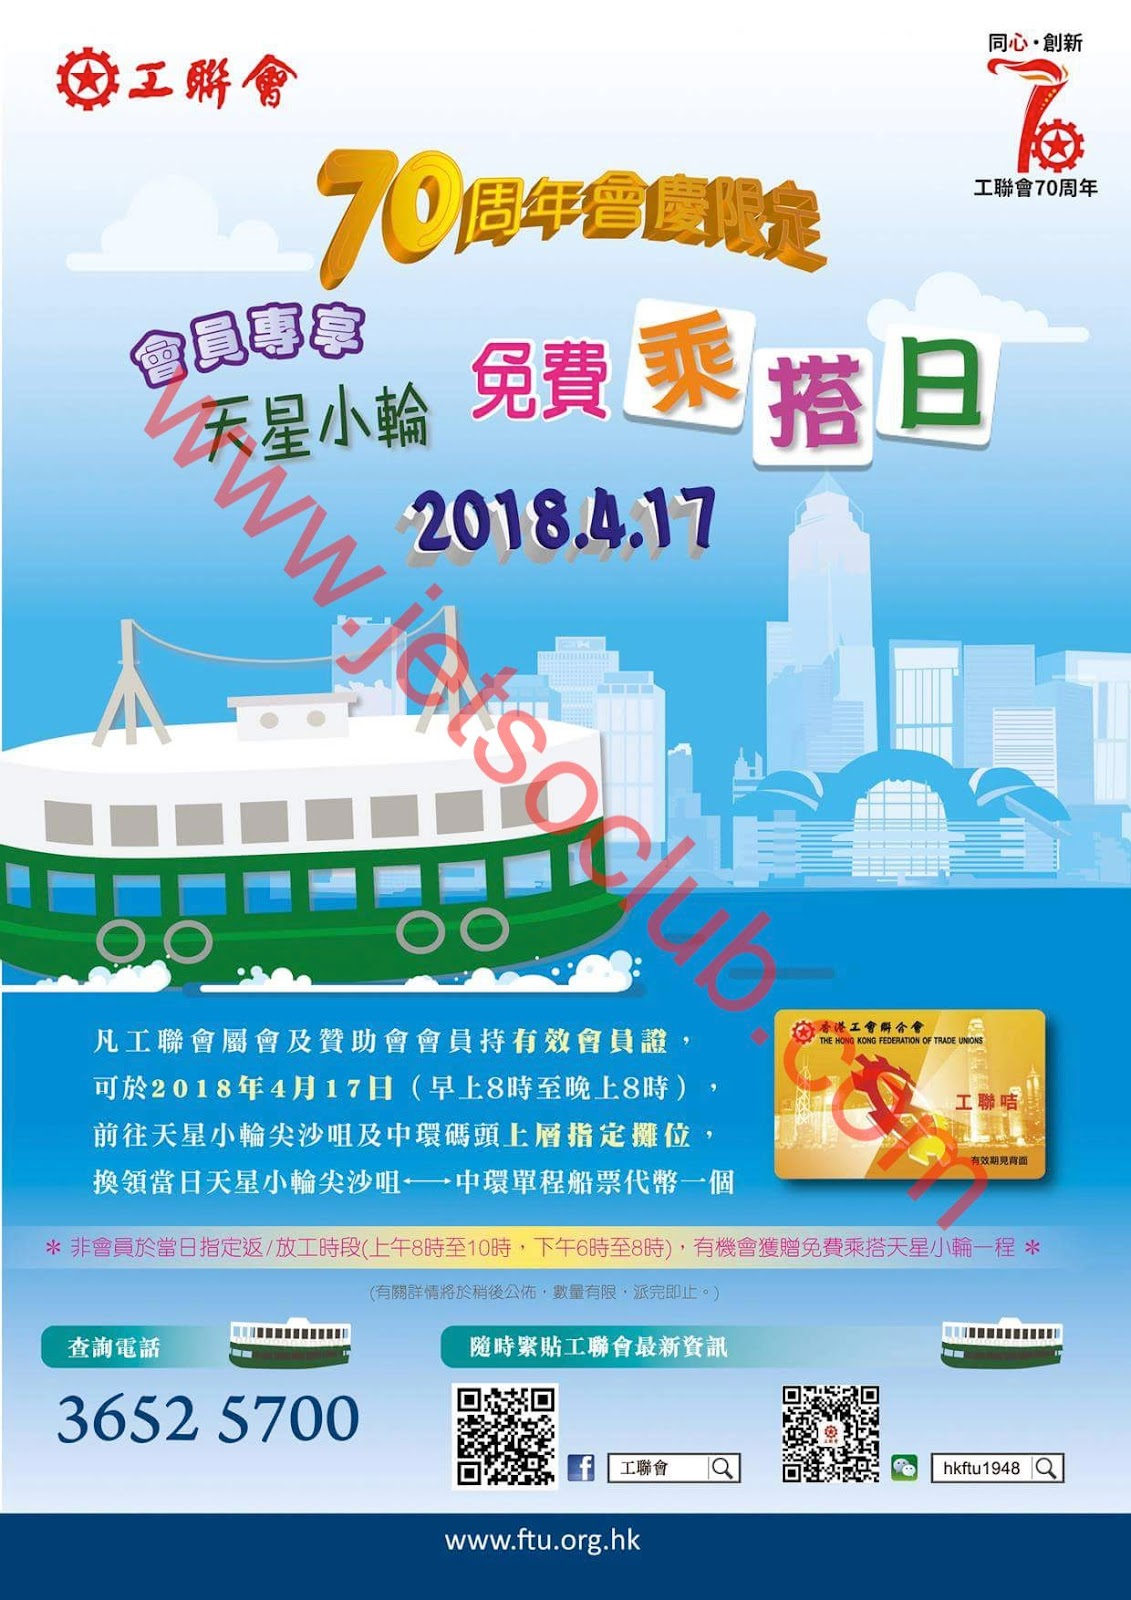 工聯會:會員 免費乘搭天星小輪(17/4) ( Jetso Club 著數俱樂部 )